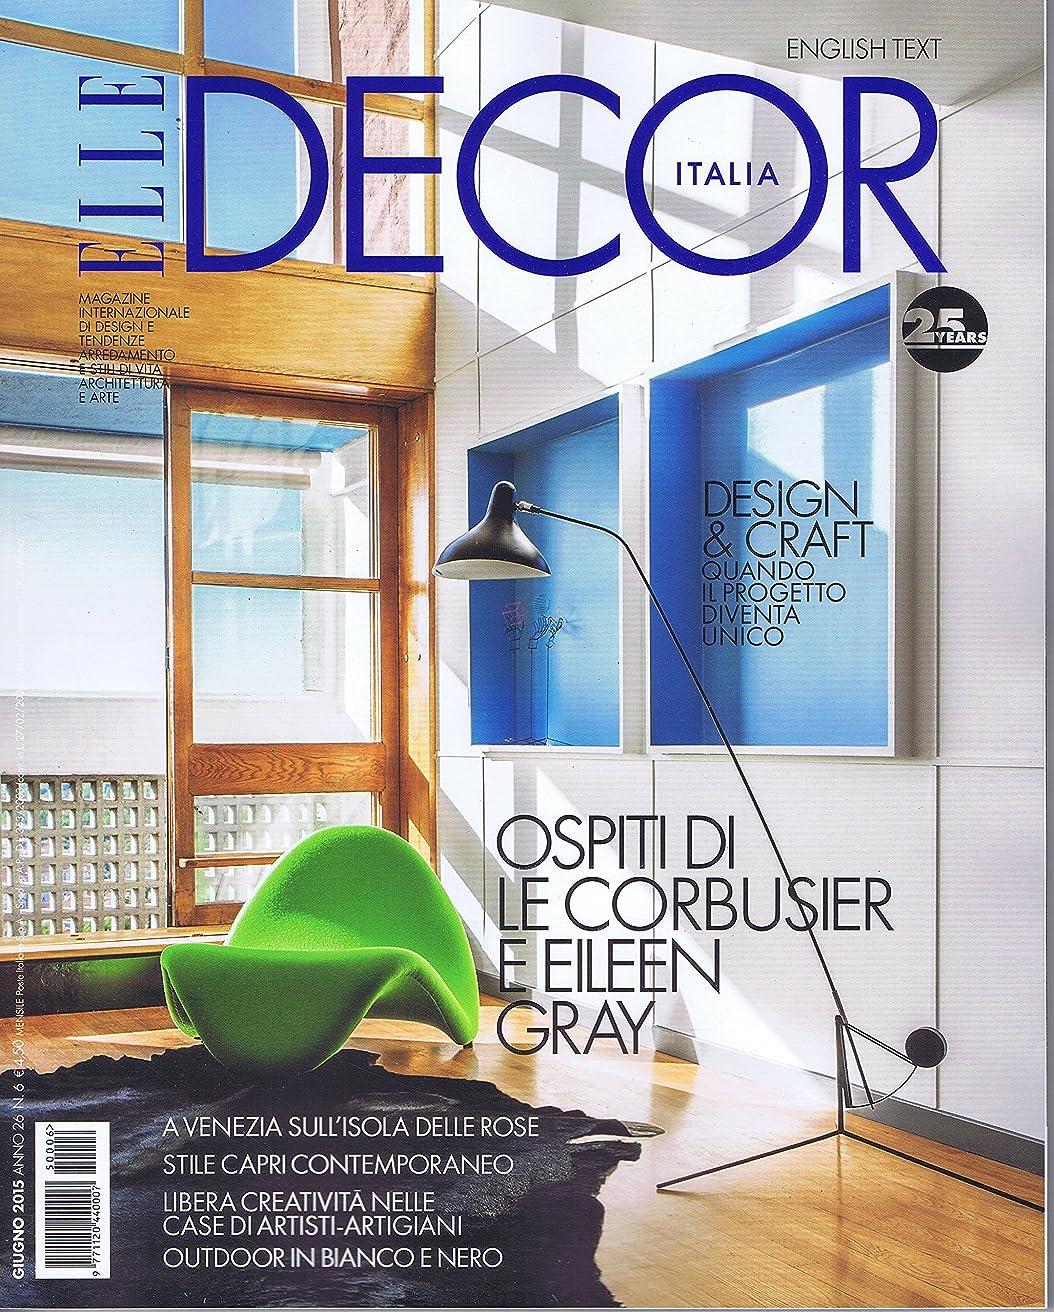 幻滅するひどい些細なELLE Decor [Italy] June 2015 (単号)